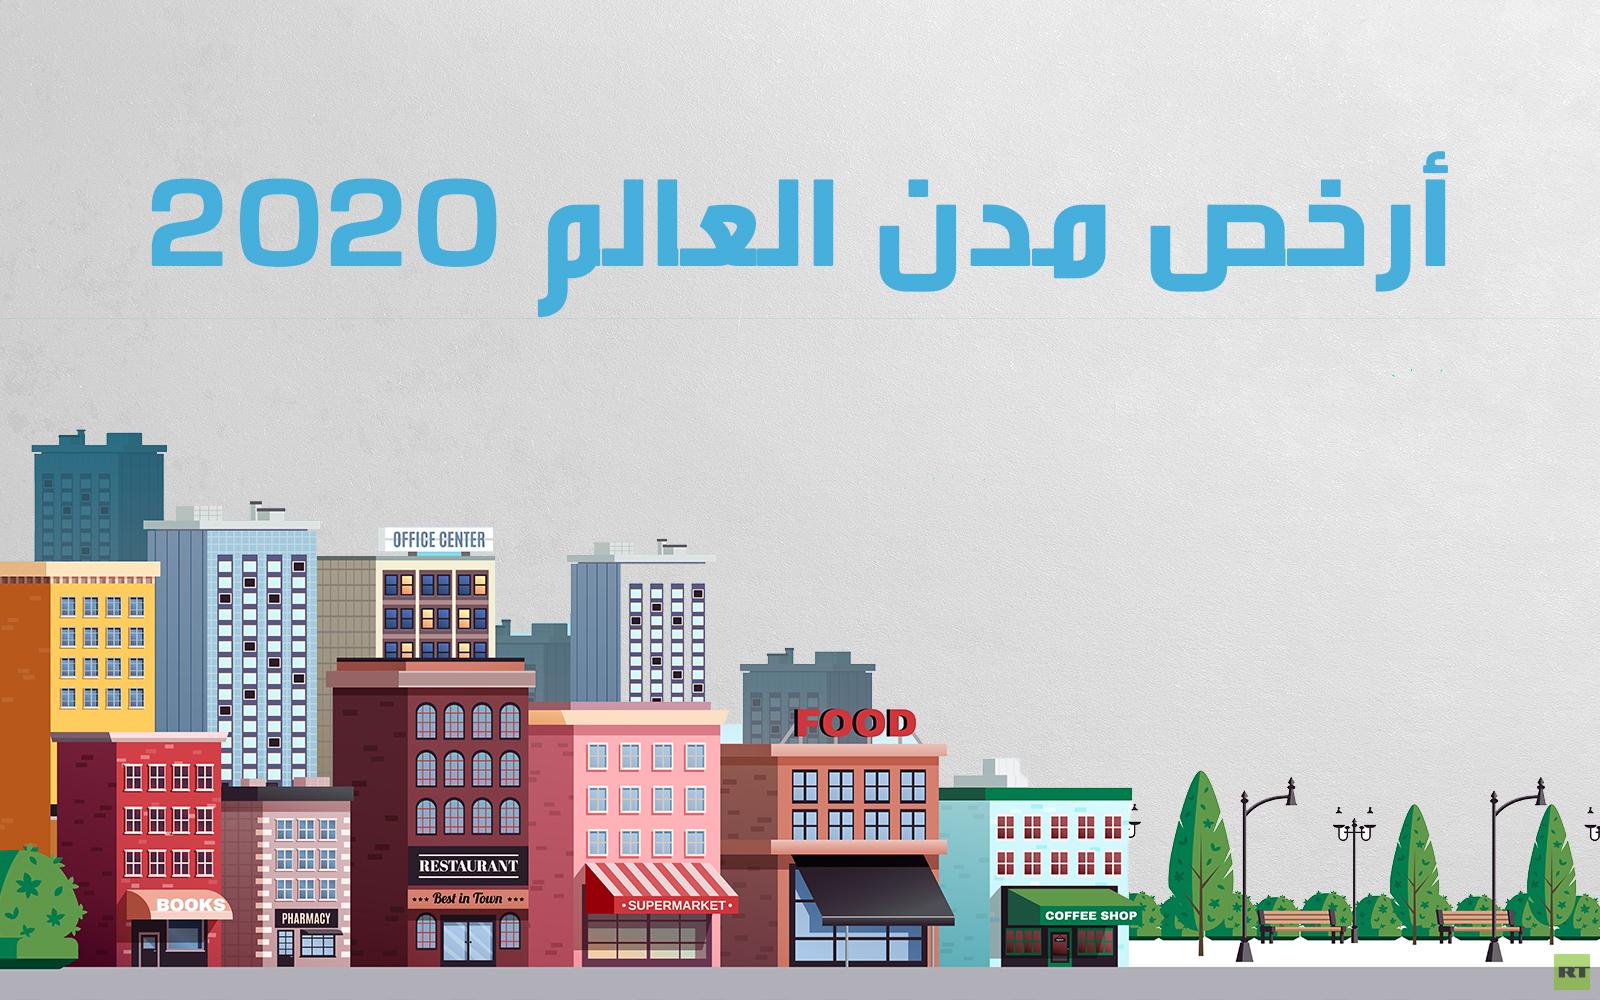 أرخص مدن العالم 2020